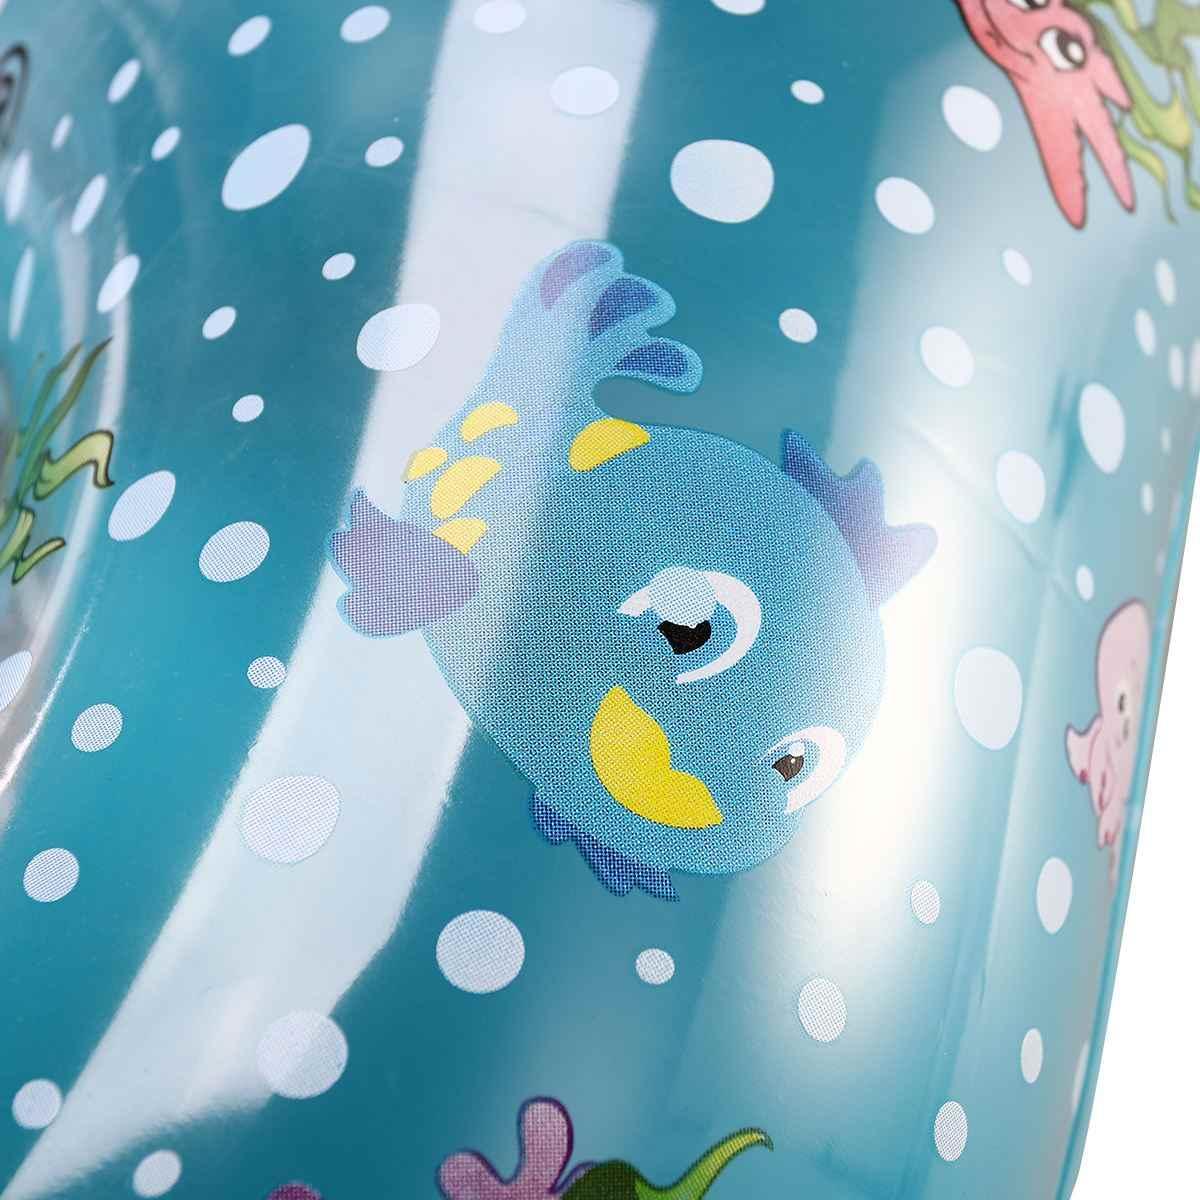 Piscina do bebê Crianças Cadeira Assento Flutuante Assento Flutuante Anel Inflável natação Mãe e Bebê Dos Desenhos Animados Padrão (Azul)